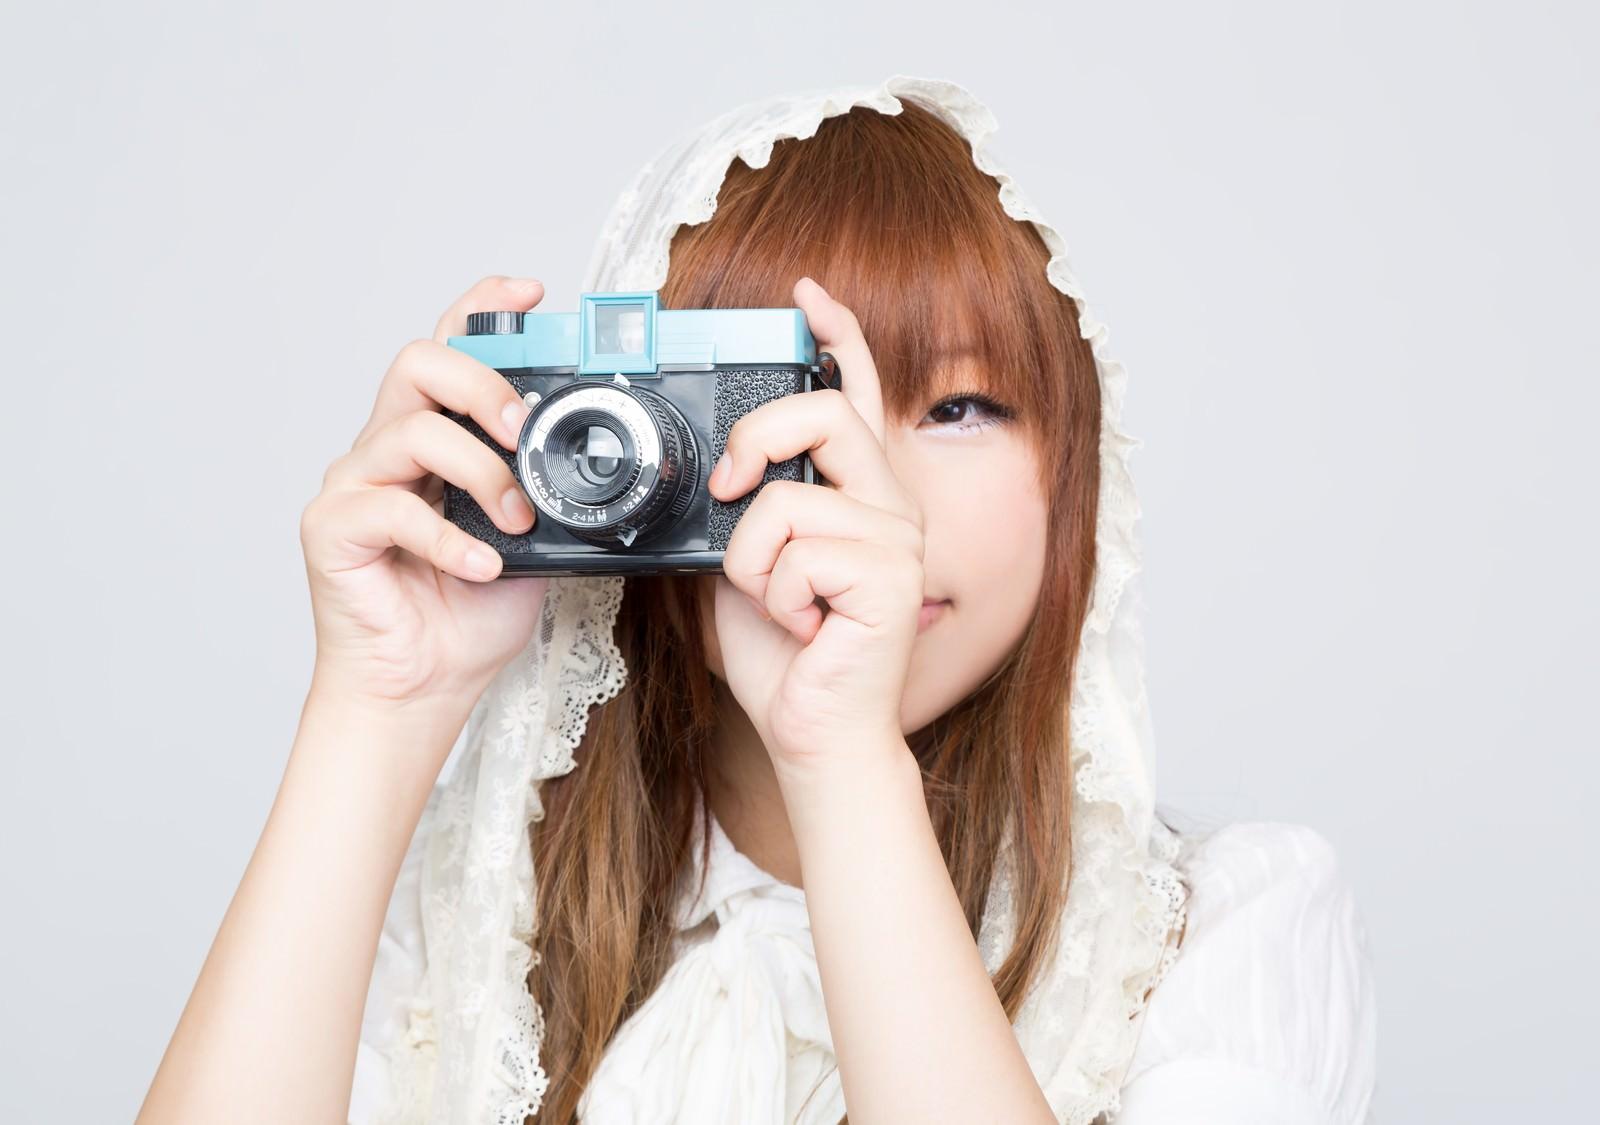 「トイカメラのファインダーをのぞくゆるふわな女の子トイカメラのファインダーをのぞくゆるふわな女の子」[モデル:あみ]のフリー写真素材を拡大